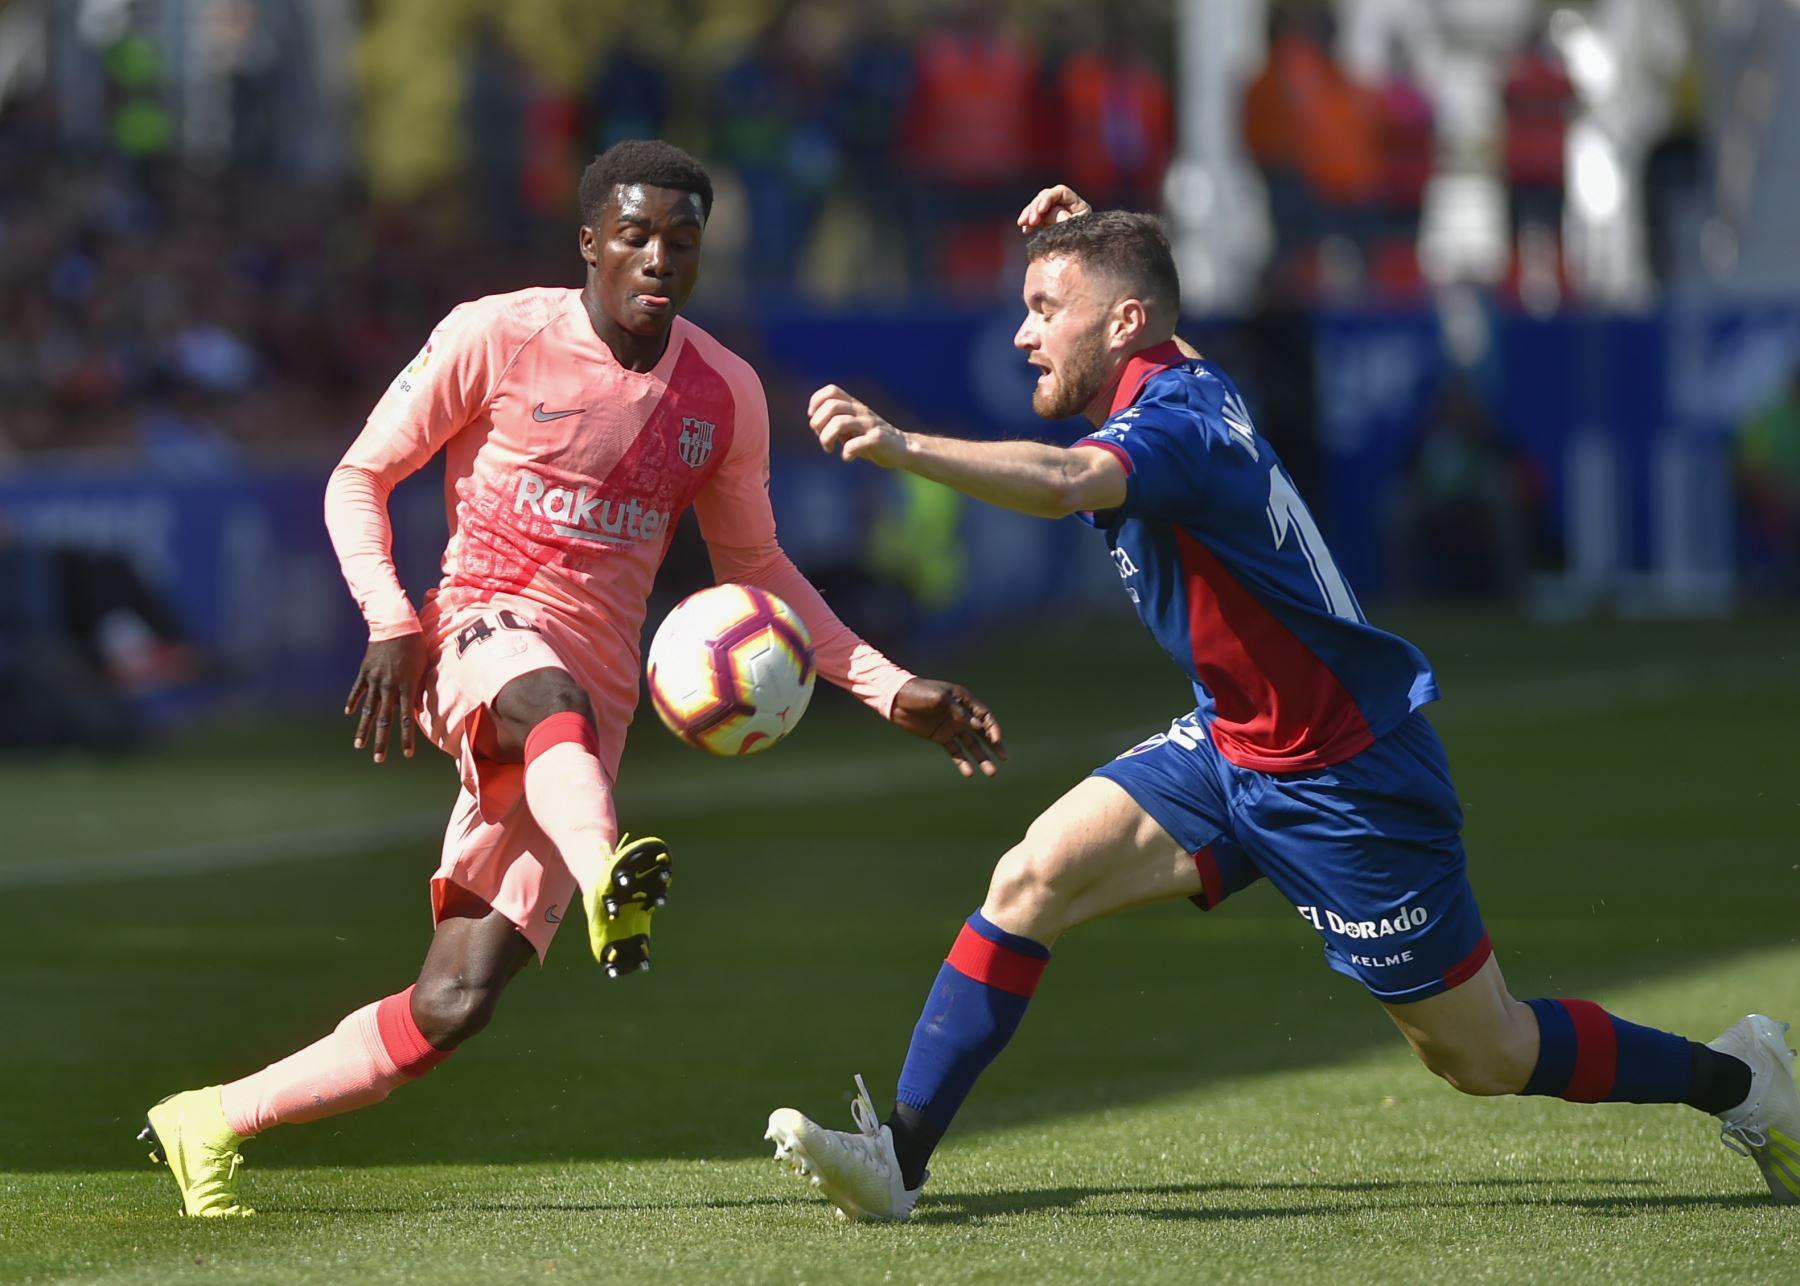 El delantero senegalés de Barcelona Moussa Wague (L) compite con el mediocampista español del SD Huesca, Javi Galan, durante el partido de fútbol de la liga española entre el SD Huesca y el FC Barcelona.Foto:AFP